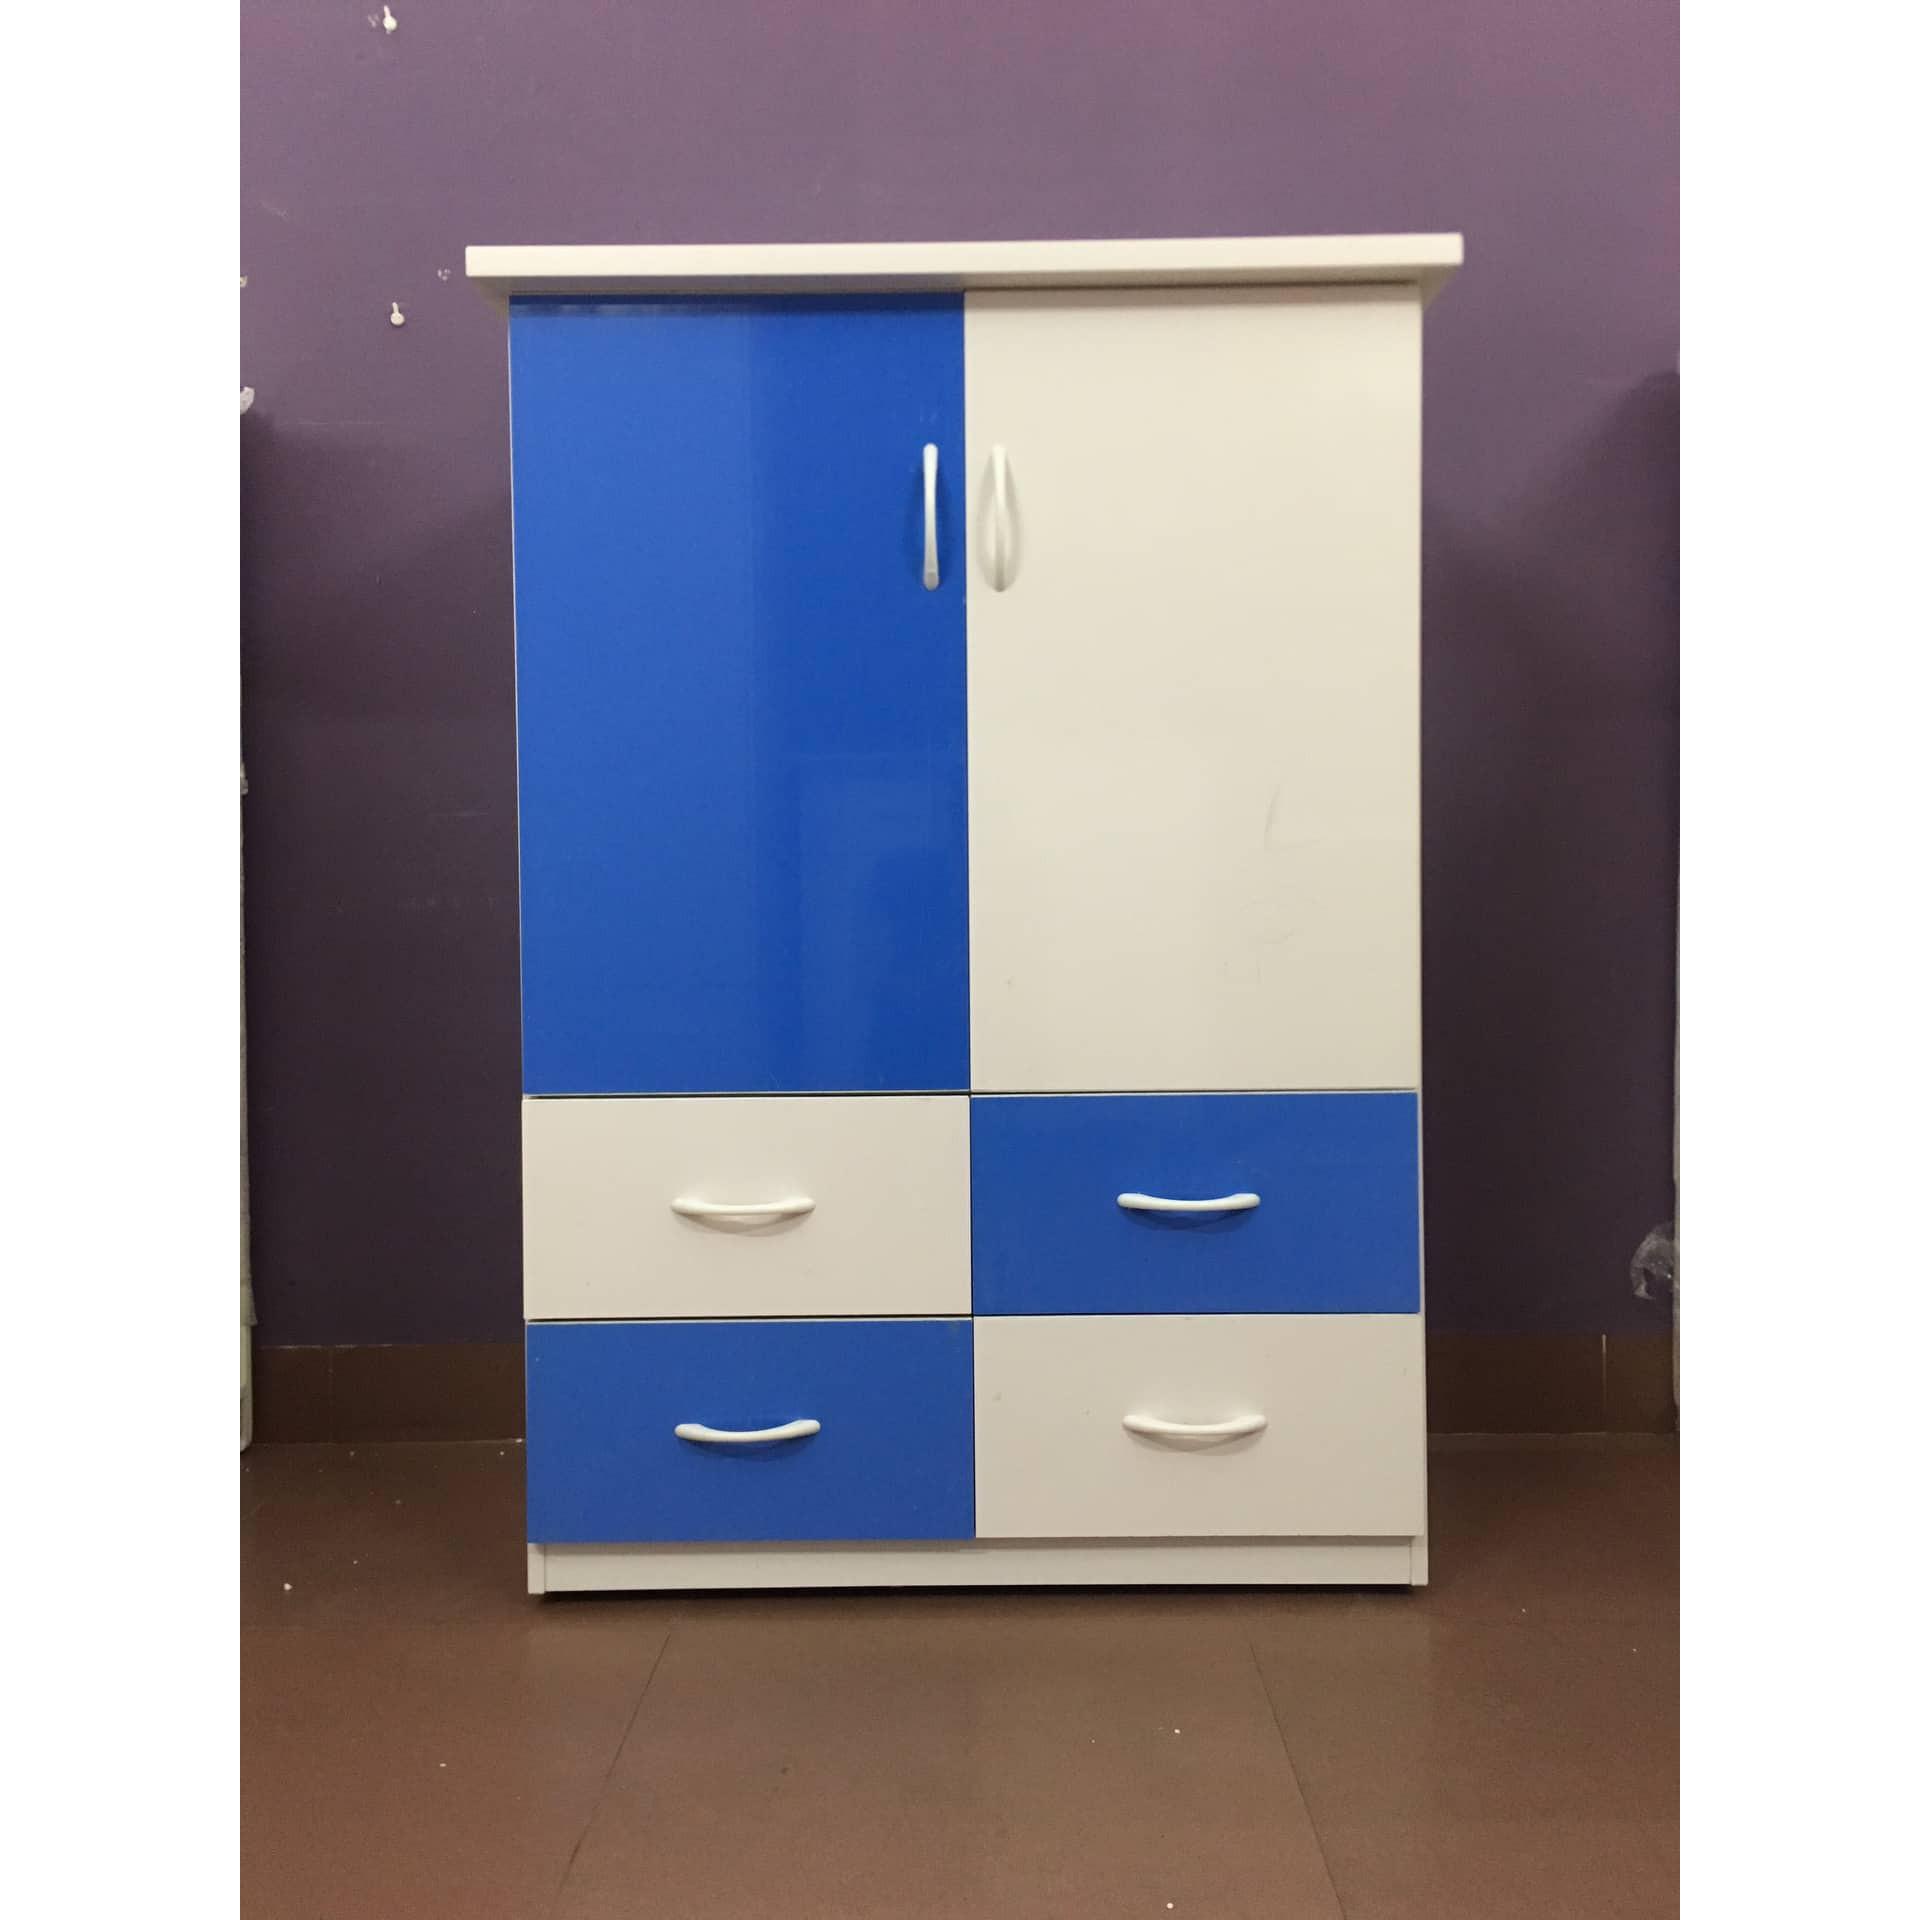 Tủ nhựa trẻ em 2 cánh 4 ngăn kéo - xanh trắng - V024